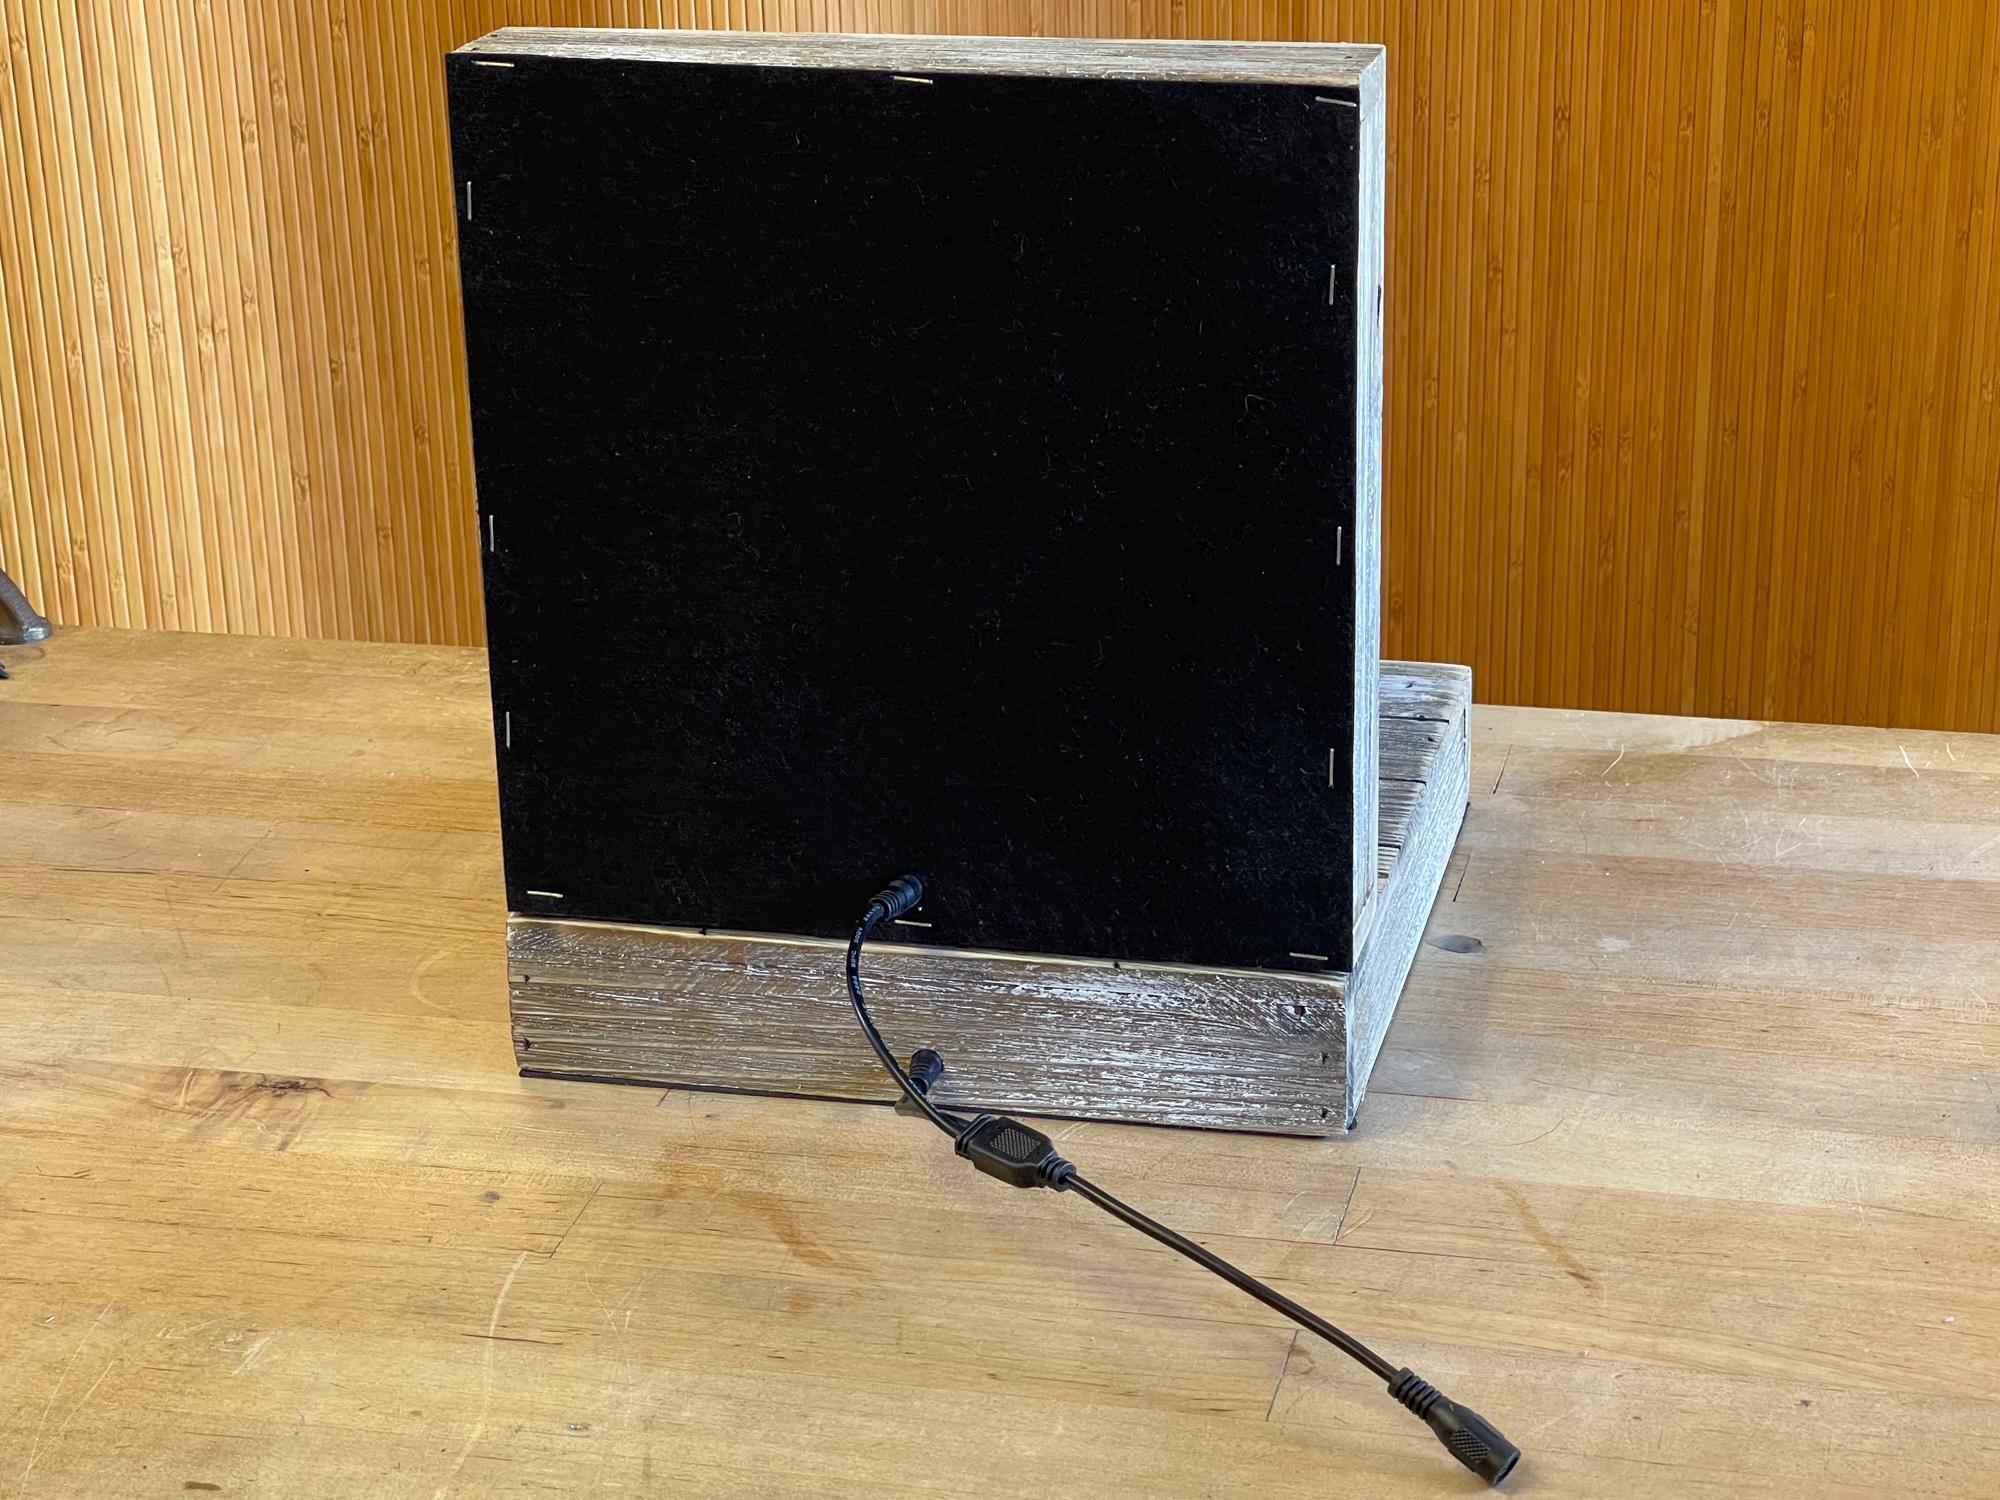 components_LEDstand-3166.jpg